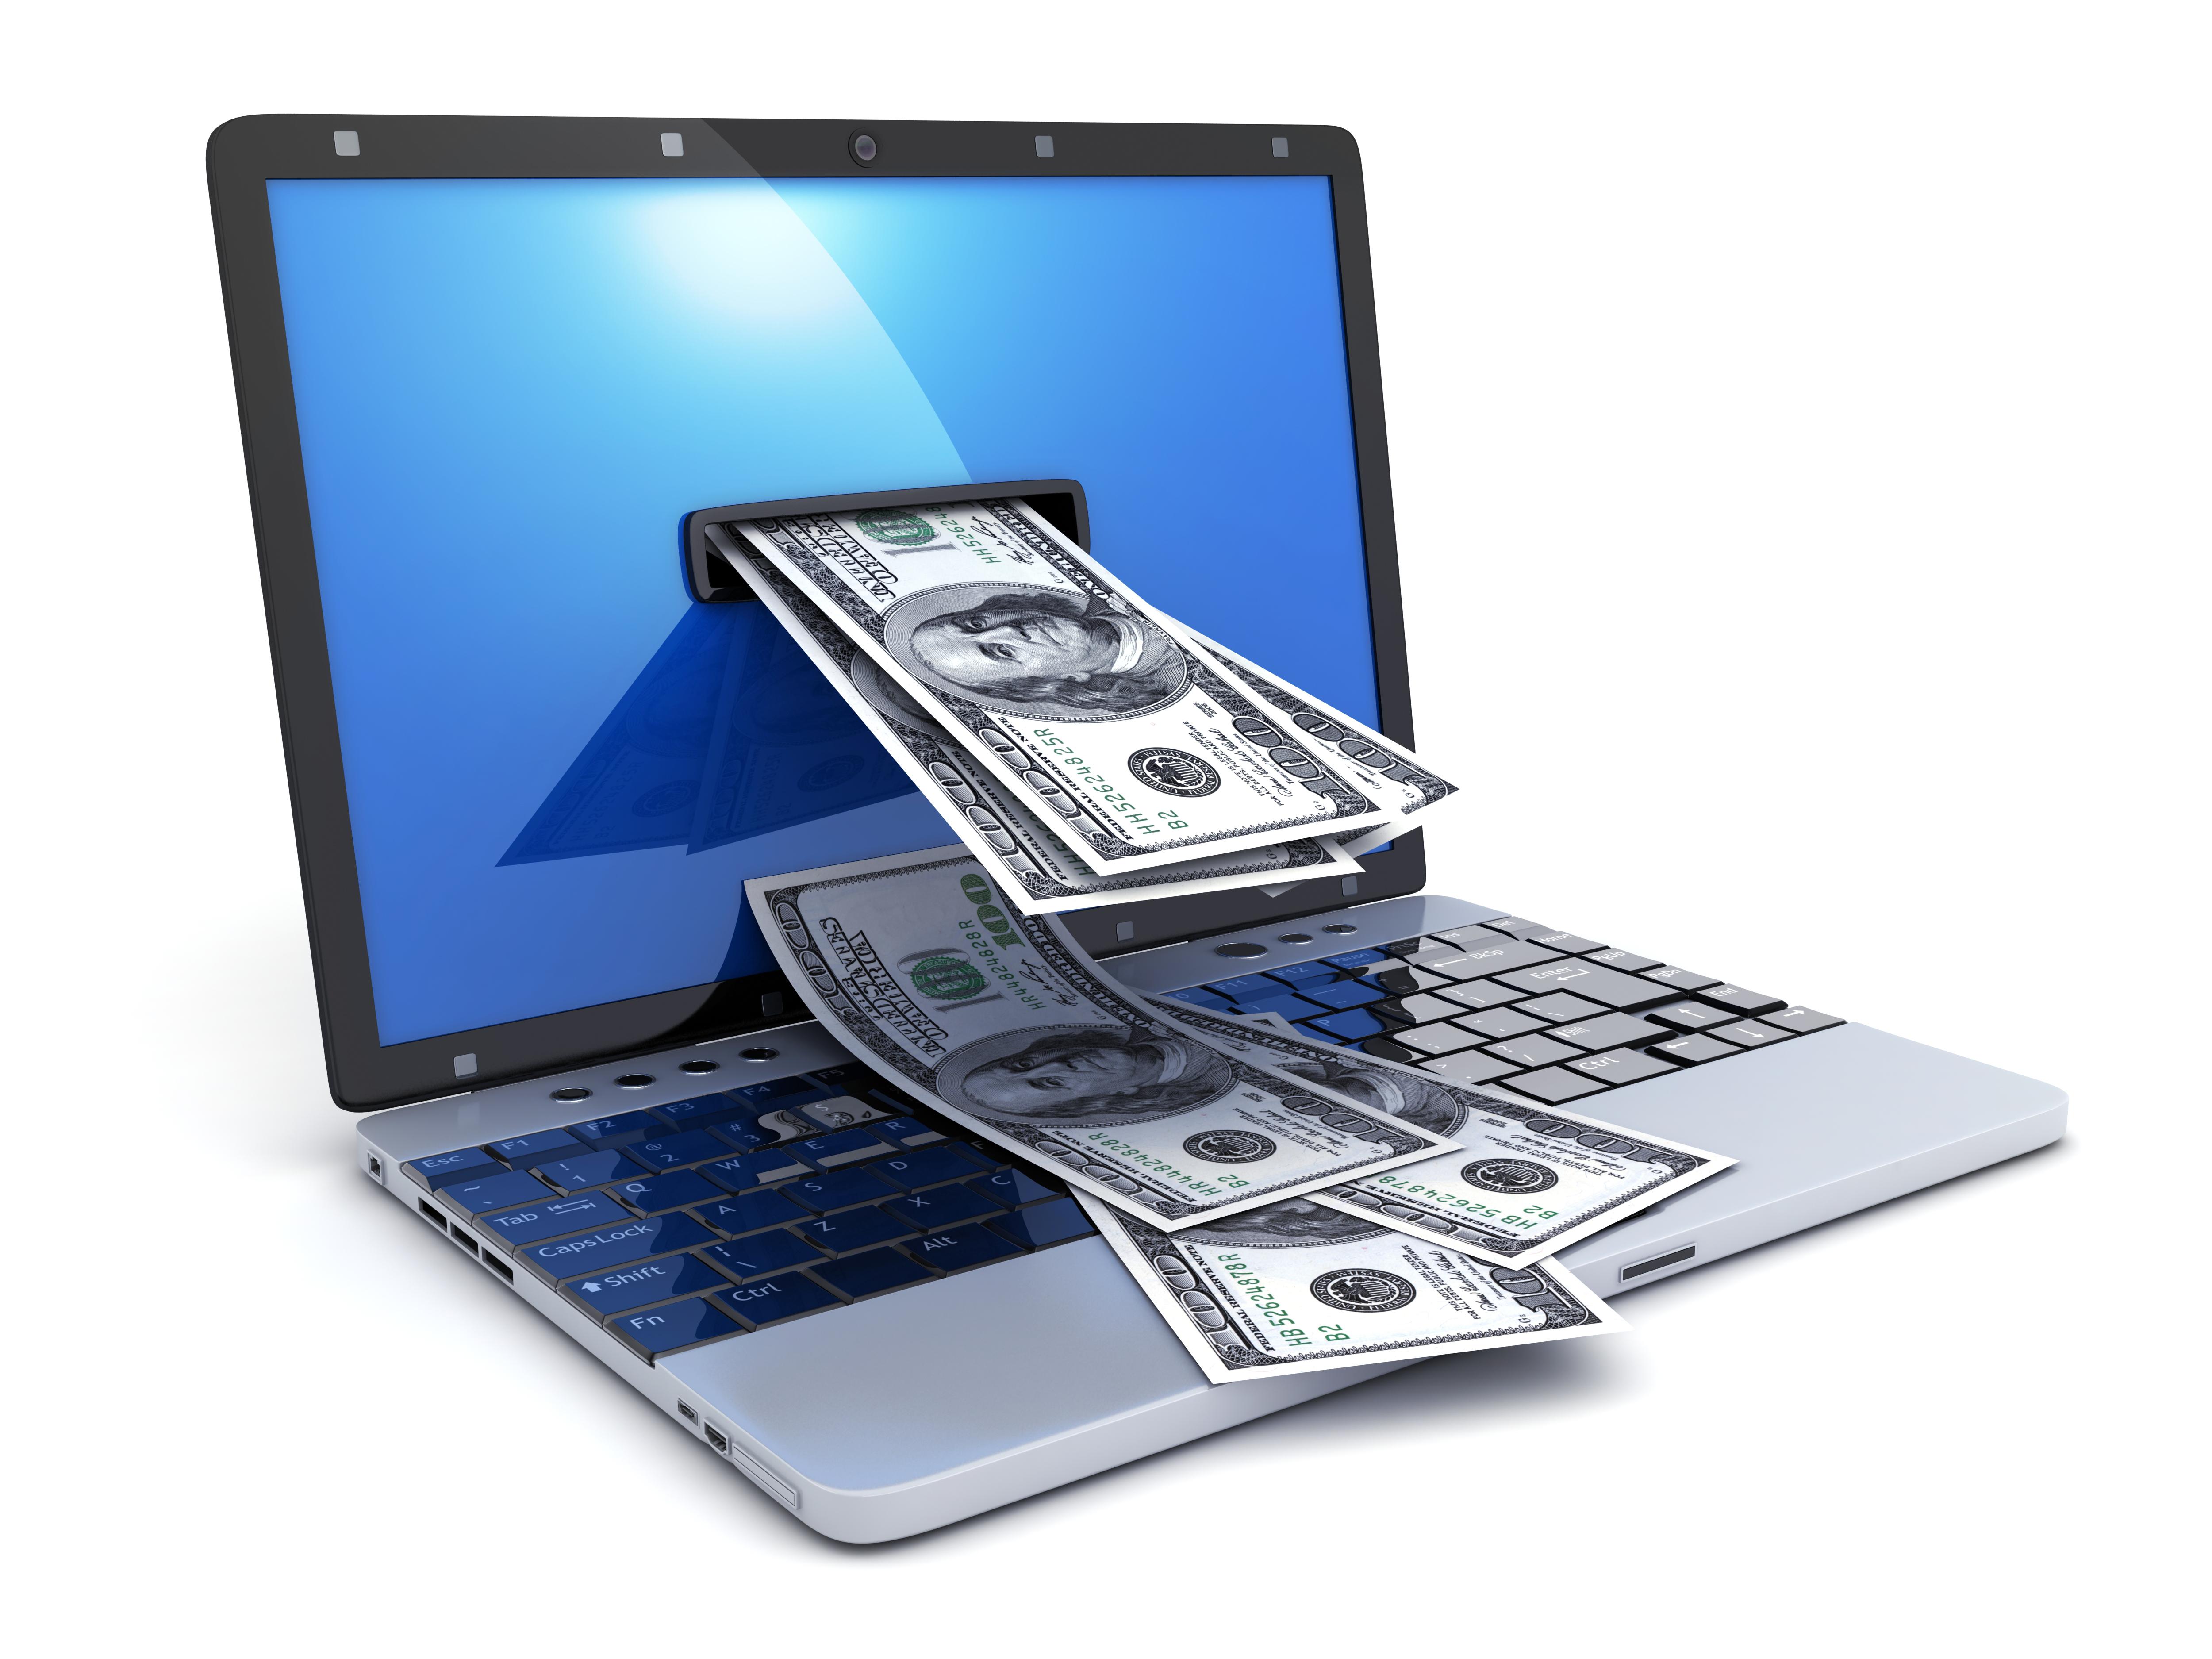 Wenn 5000 Dollar im Cyberspace verschwinden